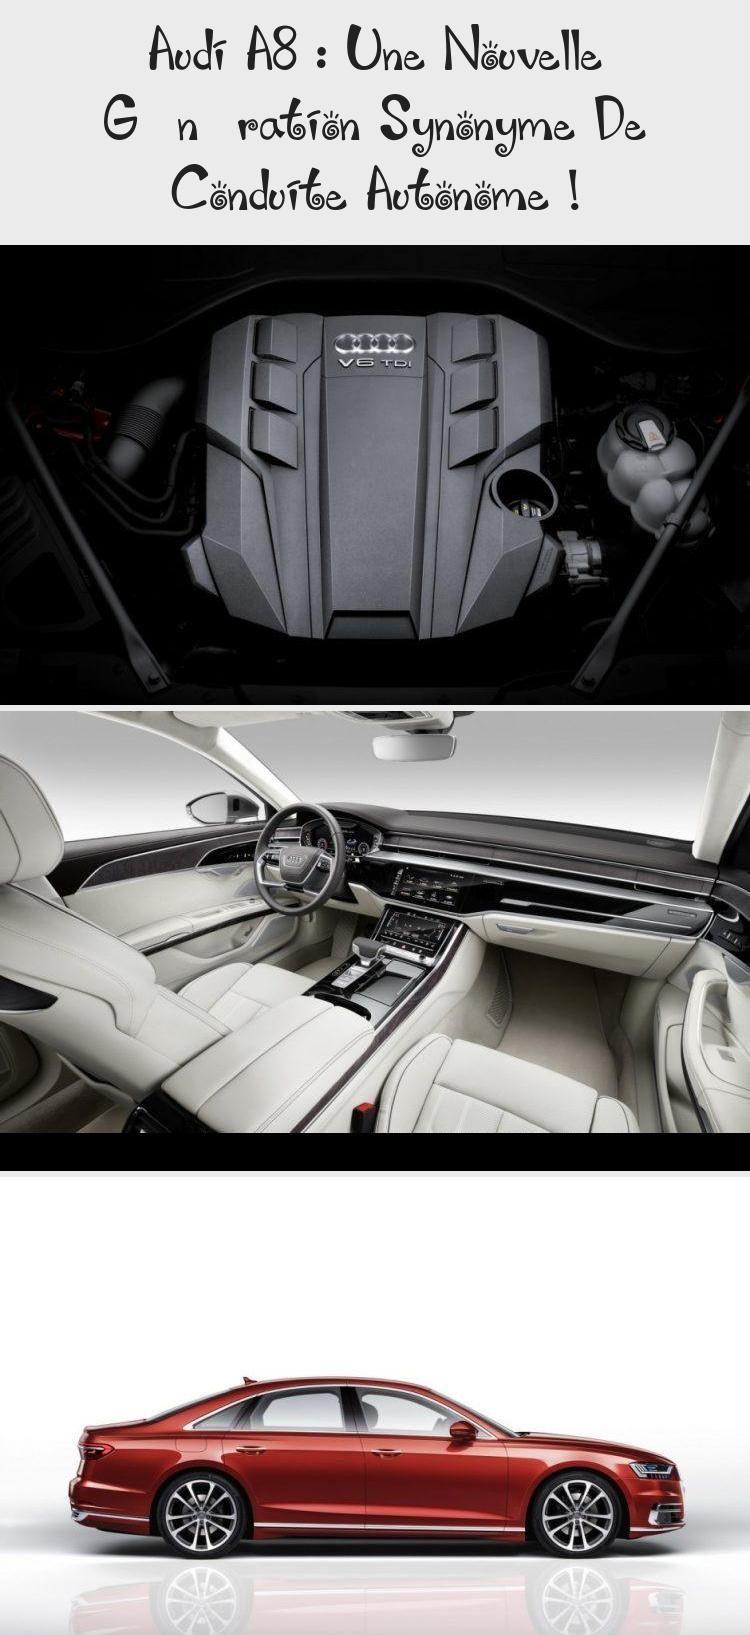 Audi A8 Une Nouvelle Génération Synonyme De Conduite Autonome Cars Audi Accessories Audi Audi A8